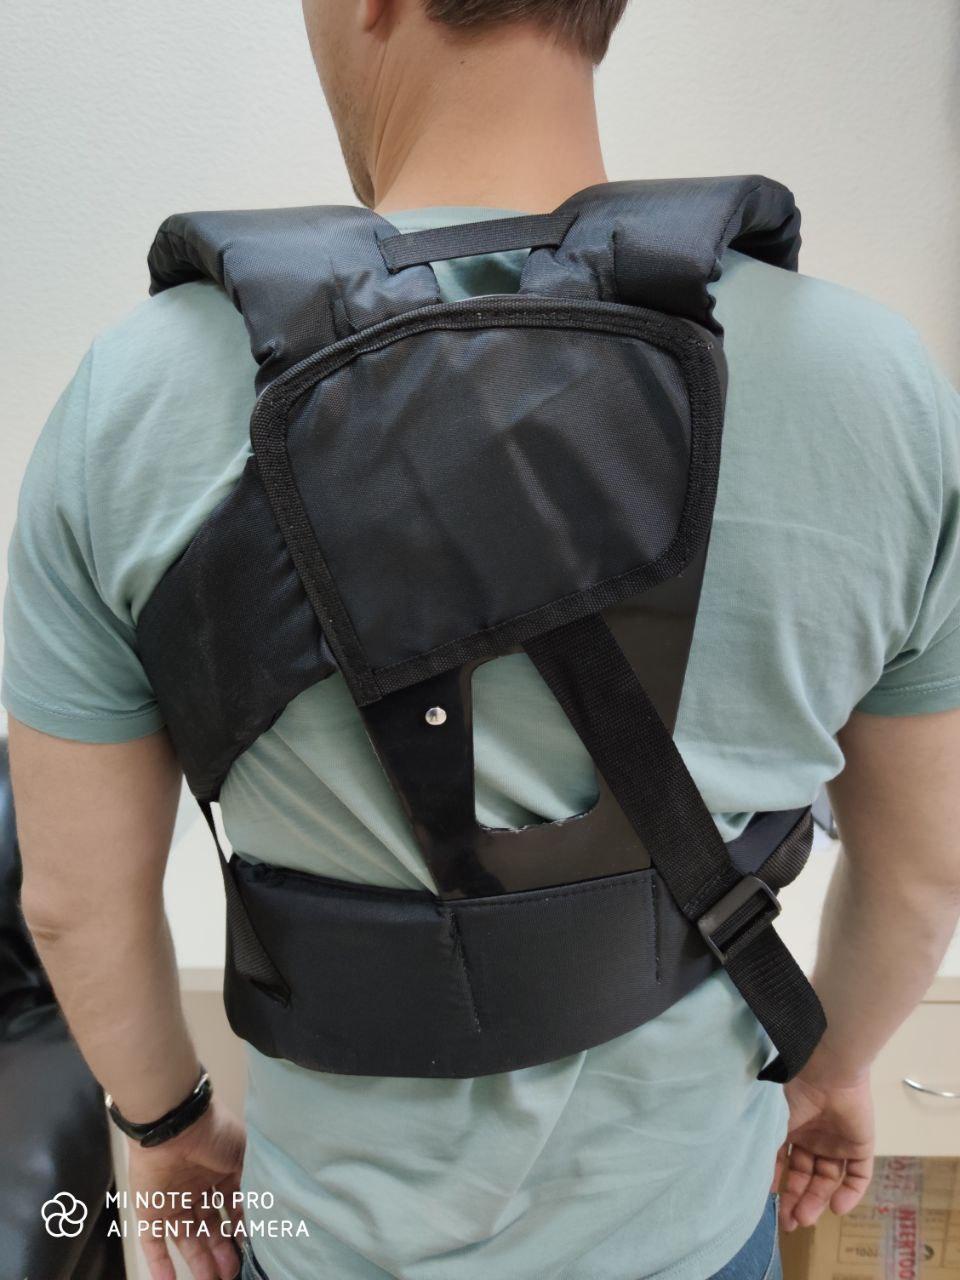 Ремень плечевой для мотокосы YK-H005 (X-TREME)